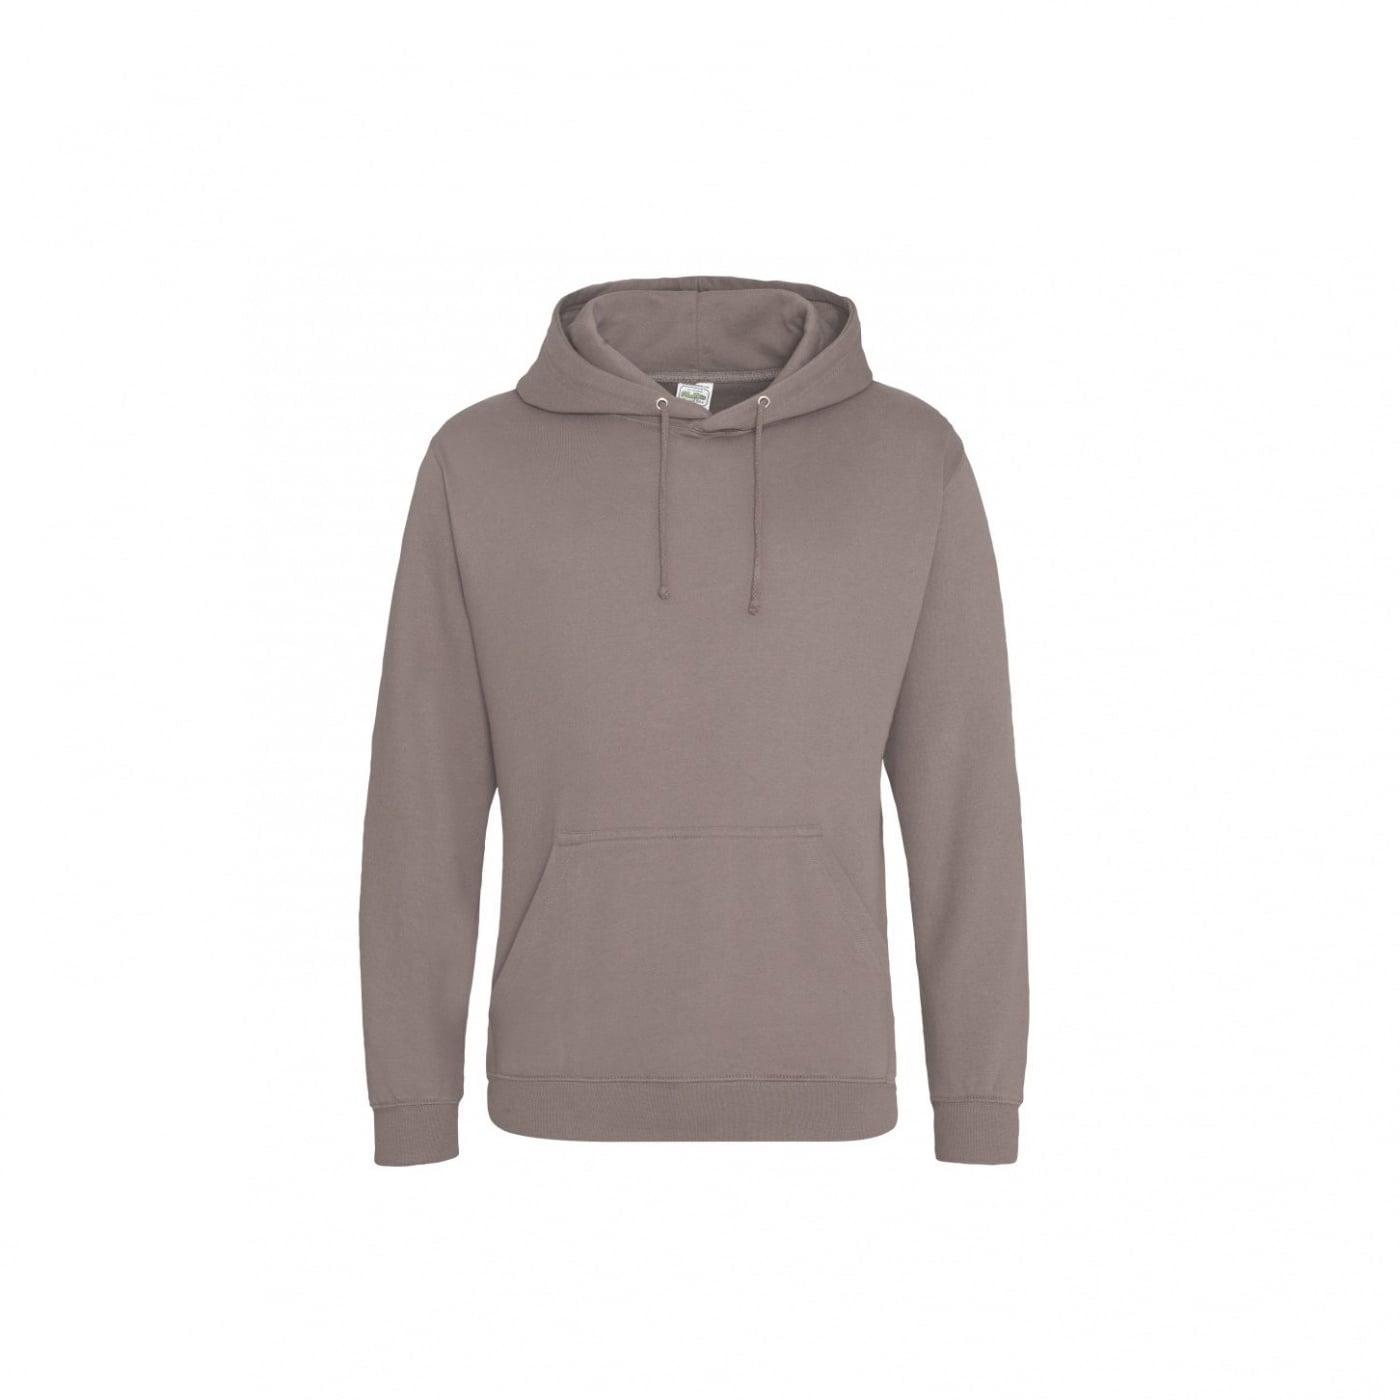 Bluzy - Bluza z kapturem College - Just Hoods JH001 - Mocha Brown - RAVEN - koszulki reklamowe z nadrukiem, odzież reklamowa i gastronomiczna